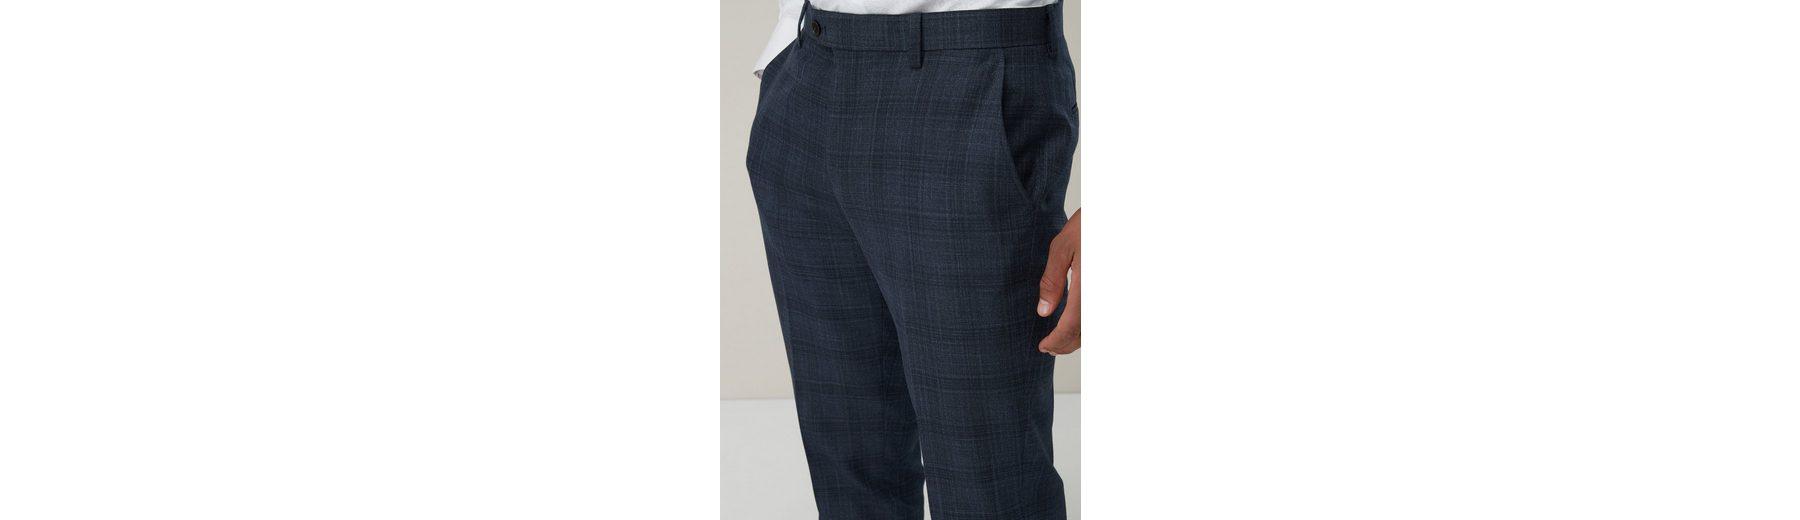 Next Tailored-Fit Anzug mit Karomuster: Hose Verkauf Wie Viel 76rTnJV5